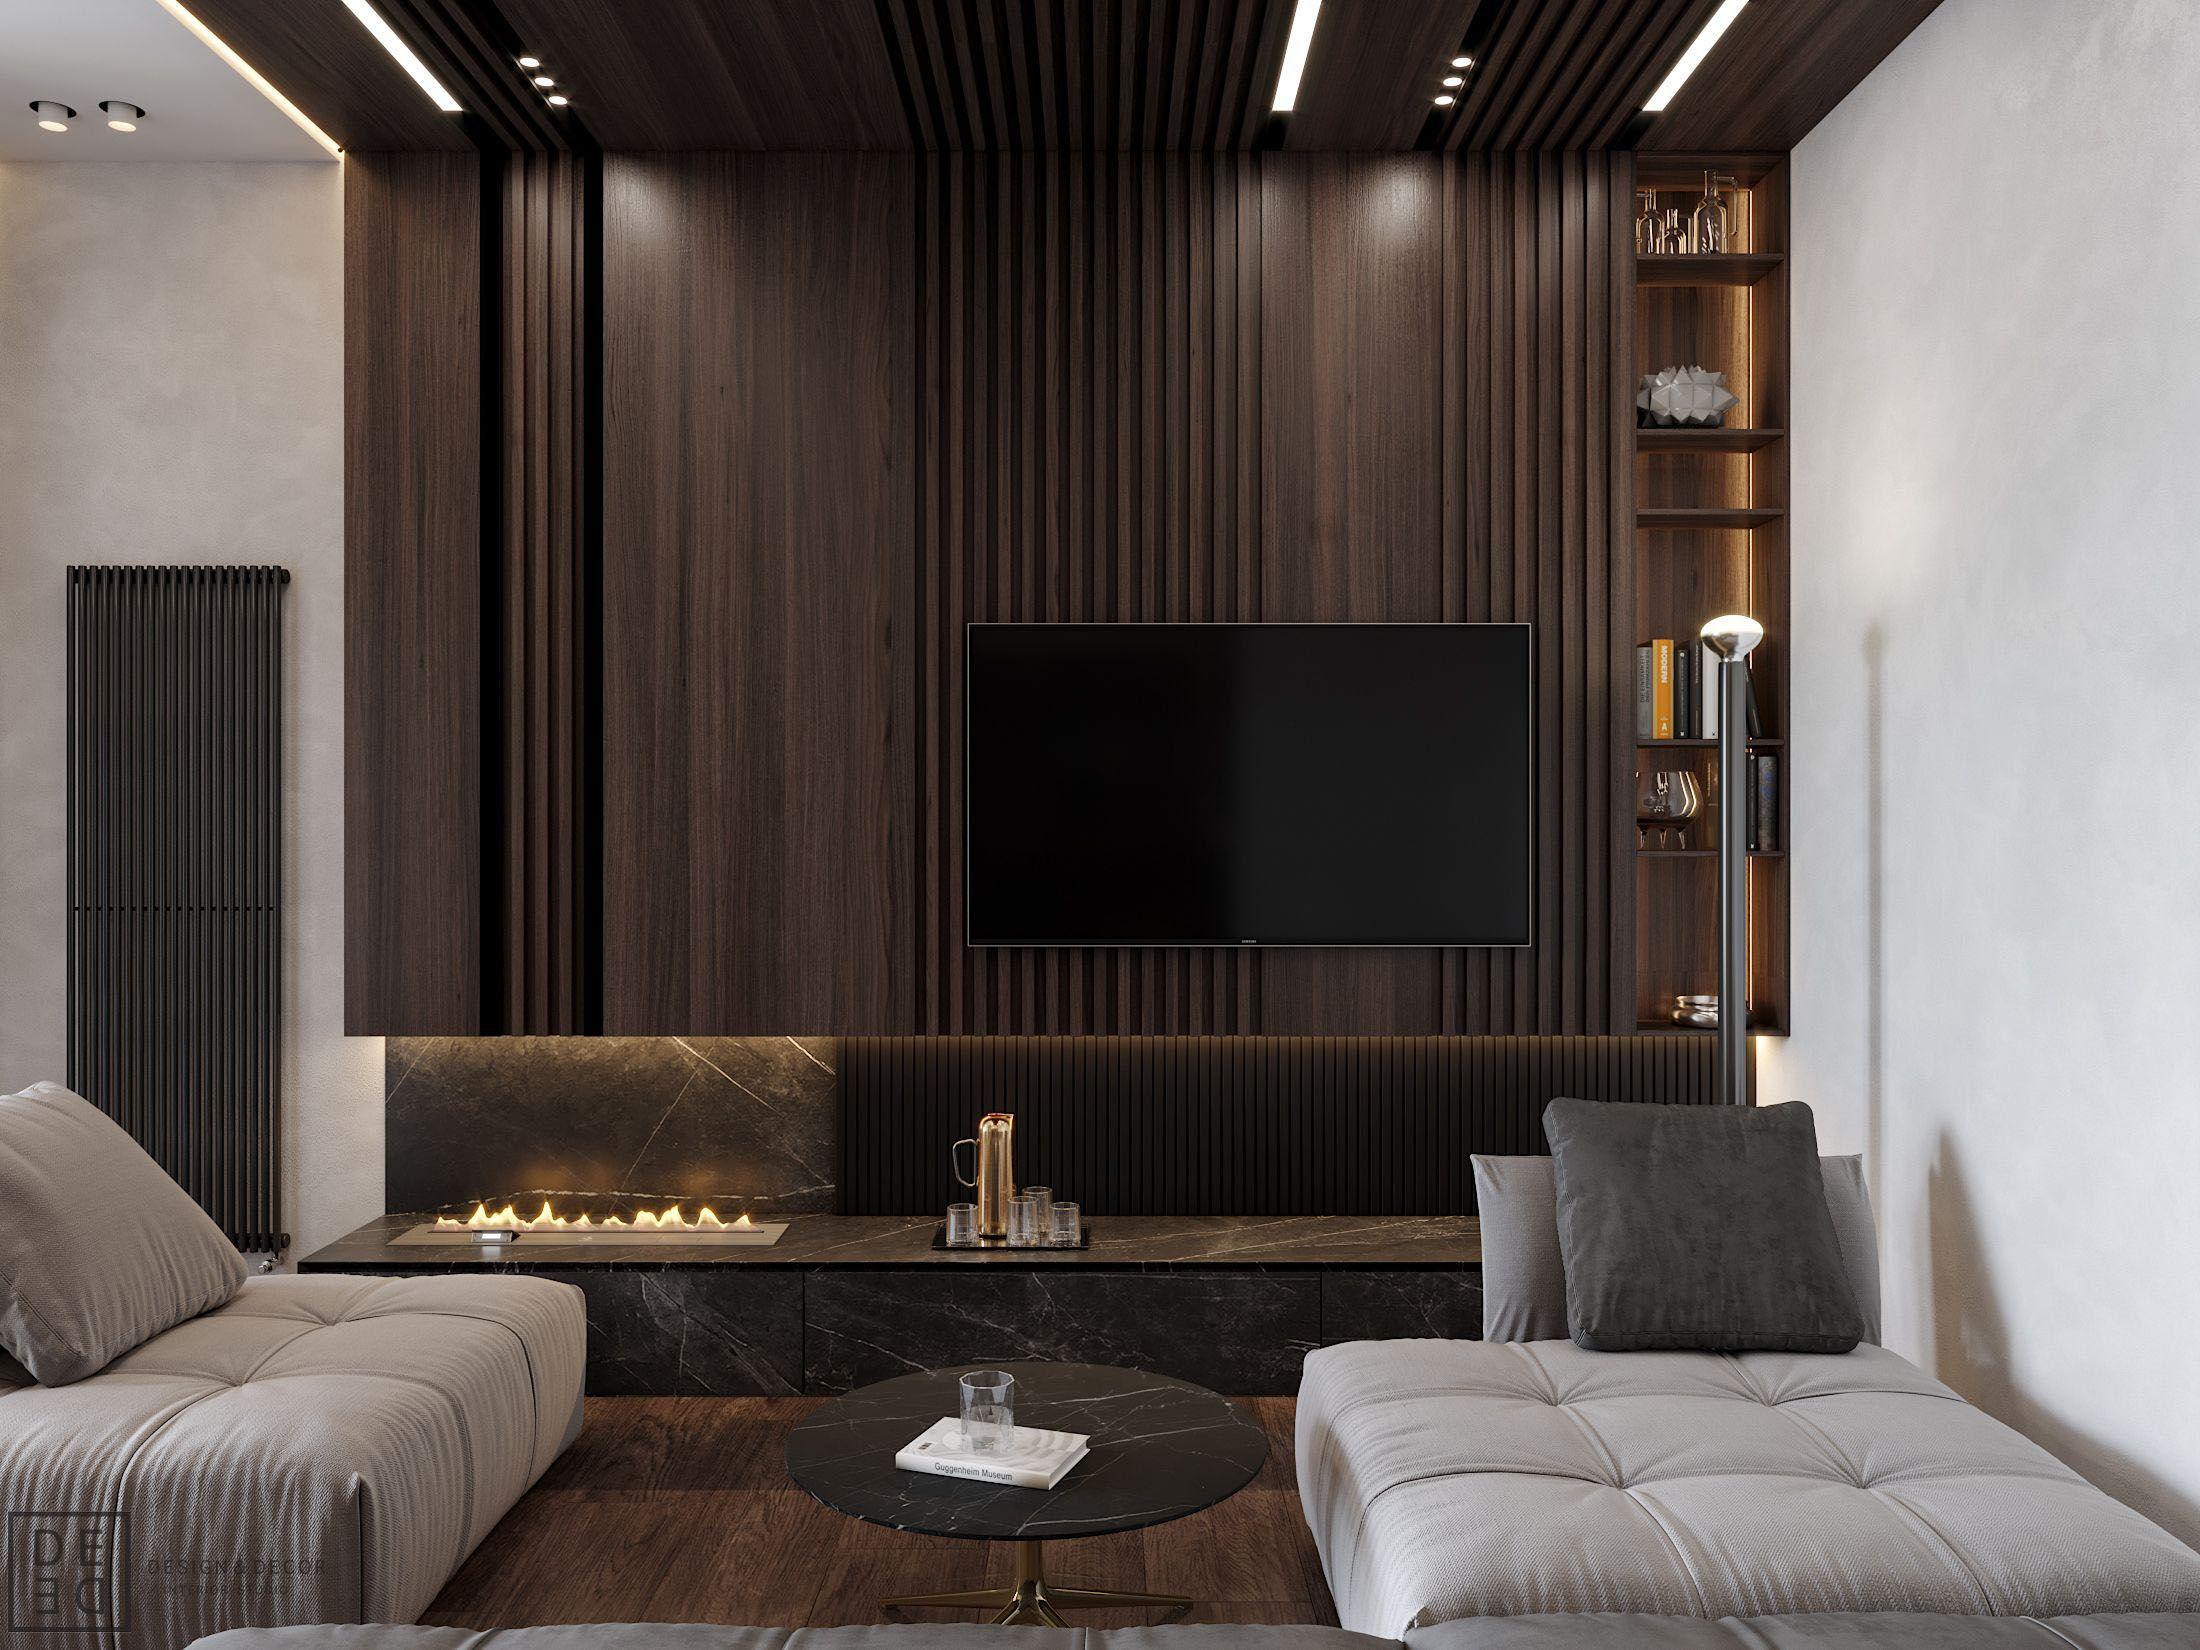 DE&DE/Wooden luxury on Behance Luxury interior